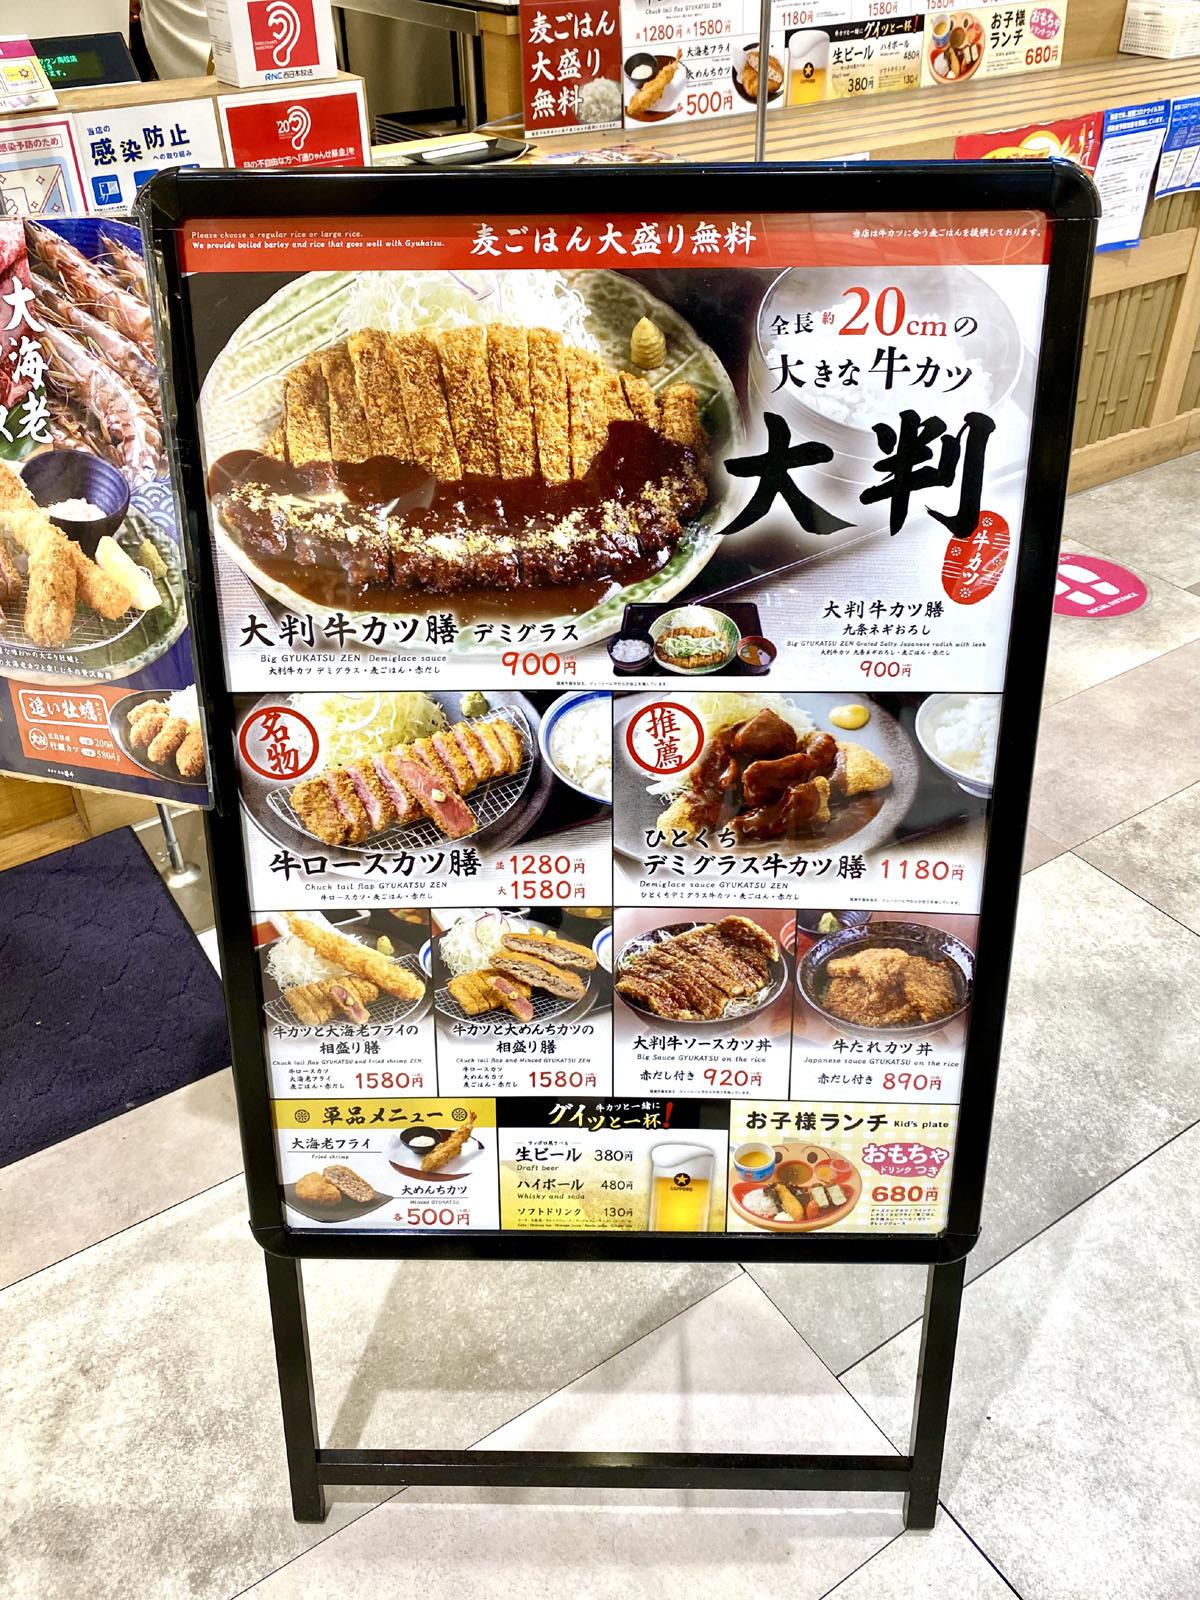 牛カツ 京都勝牛 ゆめタウン高松店 02 立て看板